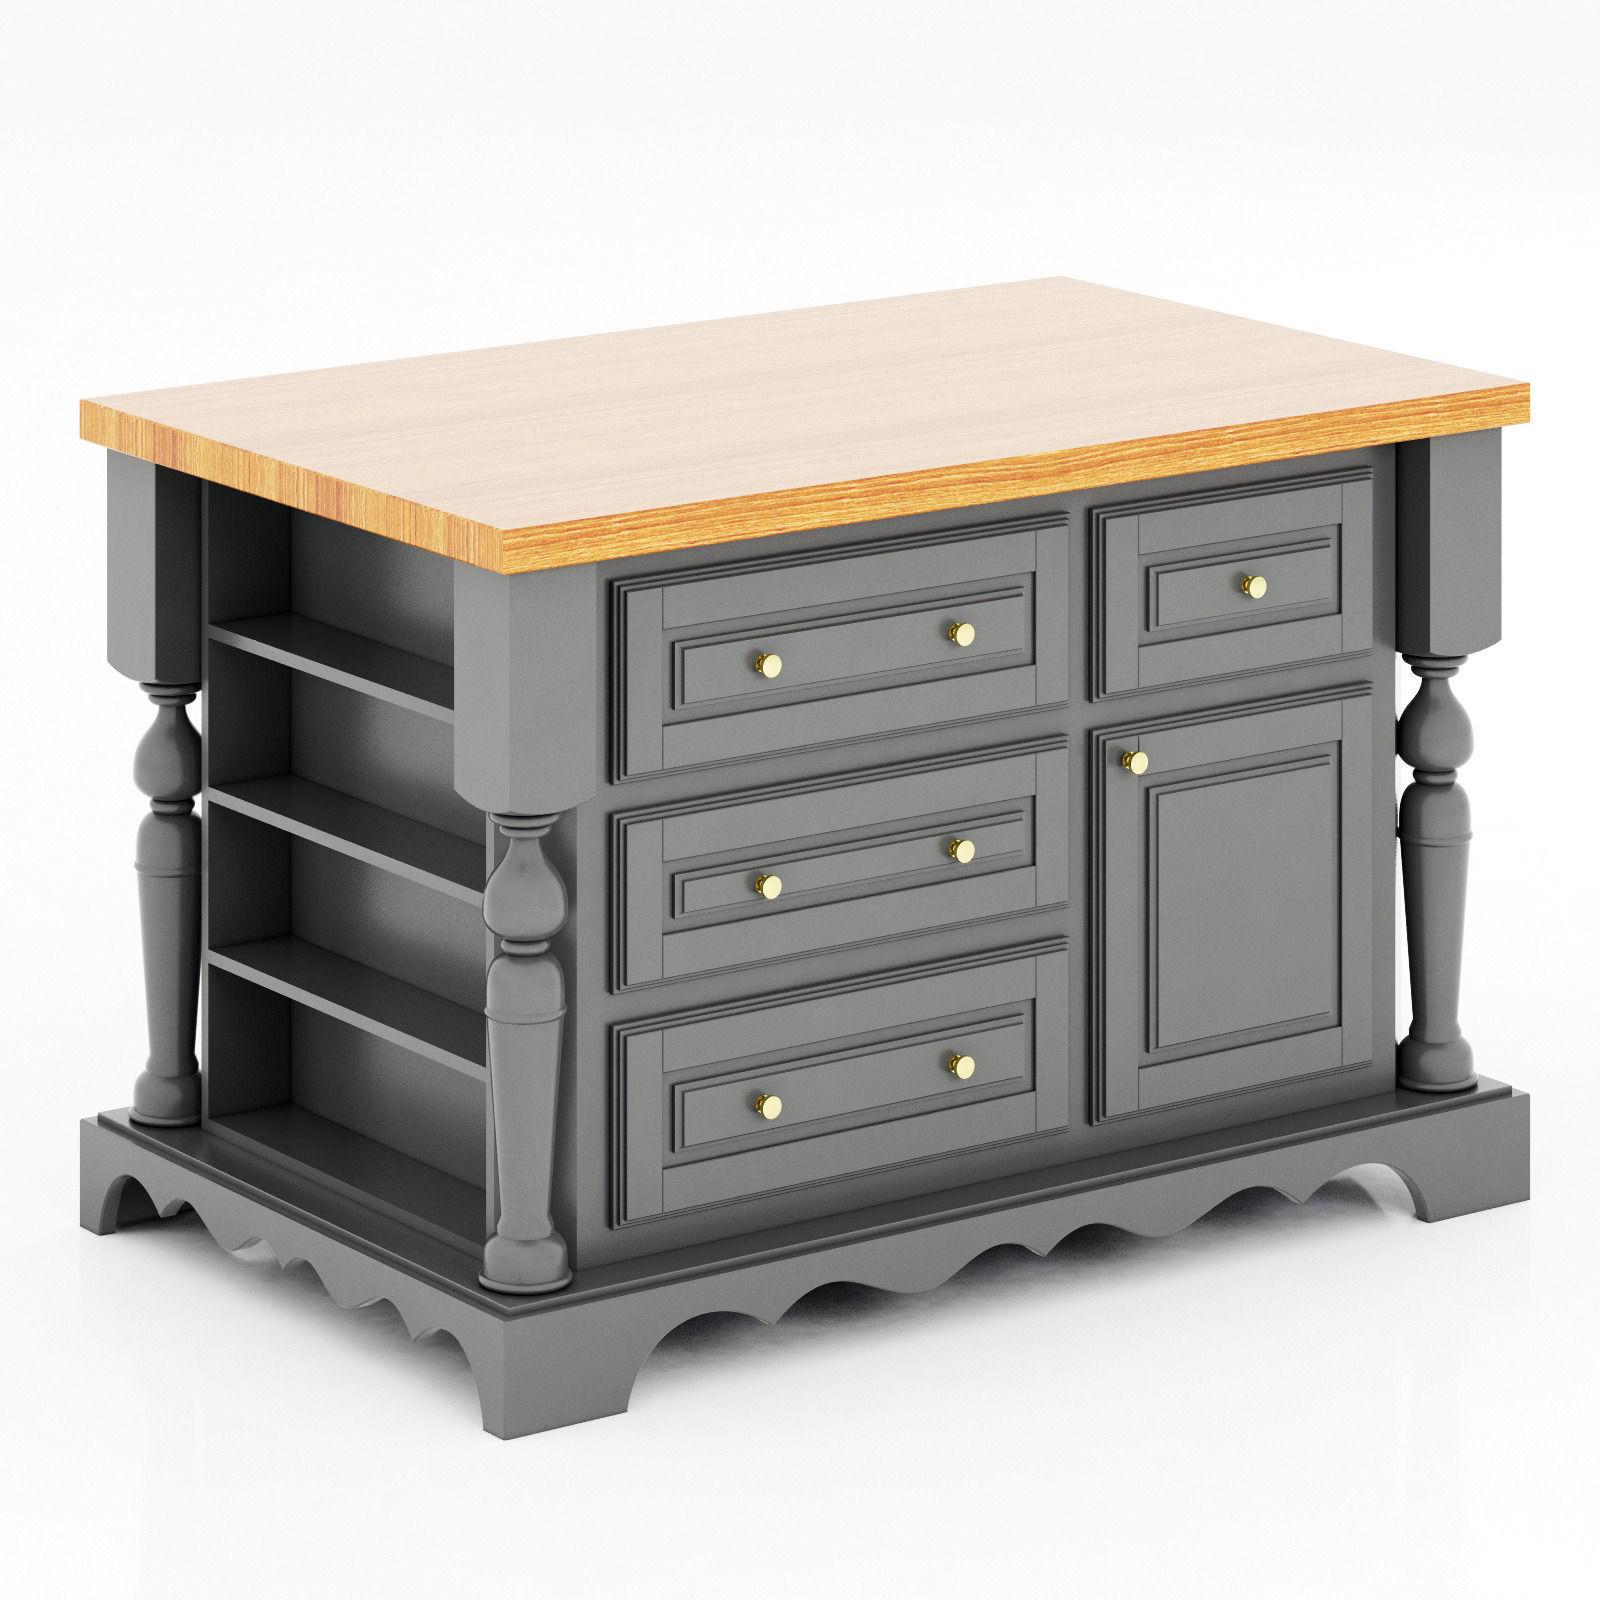 Lyn design kitchen island 3d model max obj 3ds fbx mtl 1